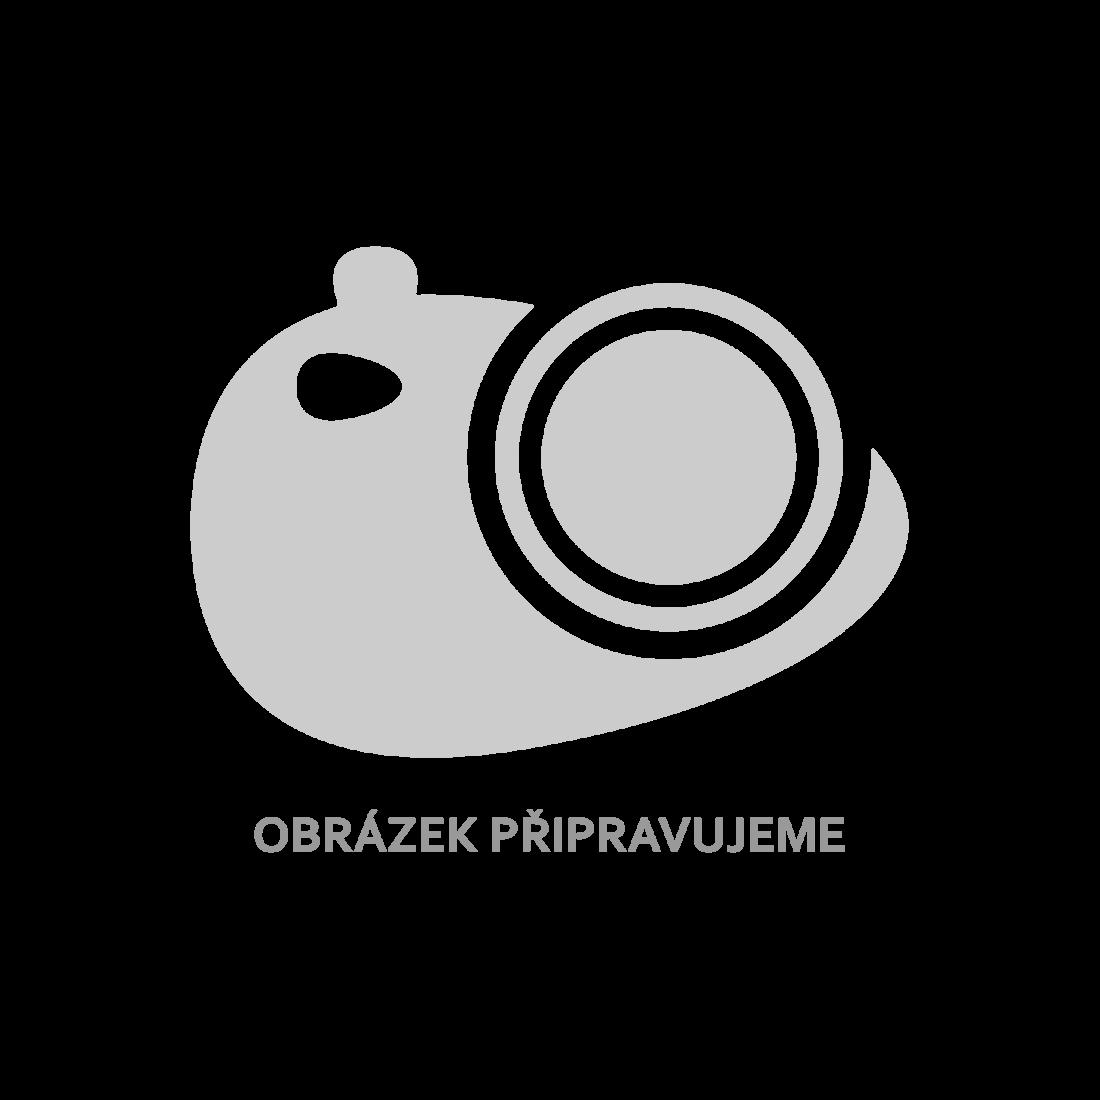 vidaXL Kancelářská skříň industriální černá 90 x 40 x 100 cm ocel [145356]